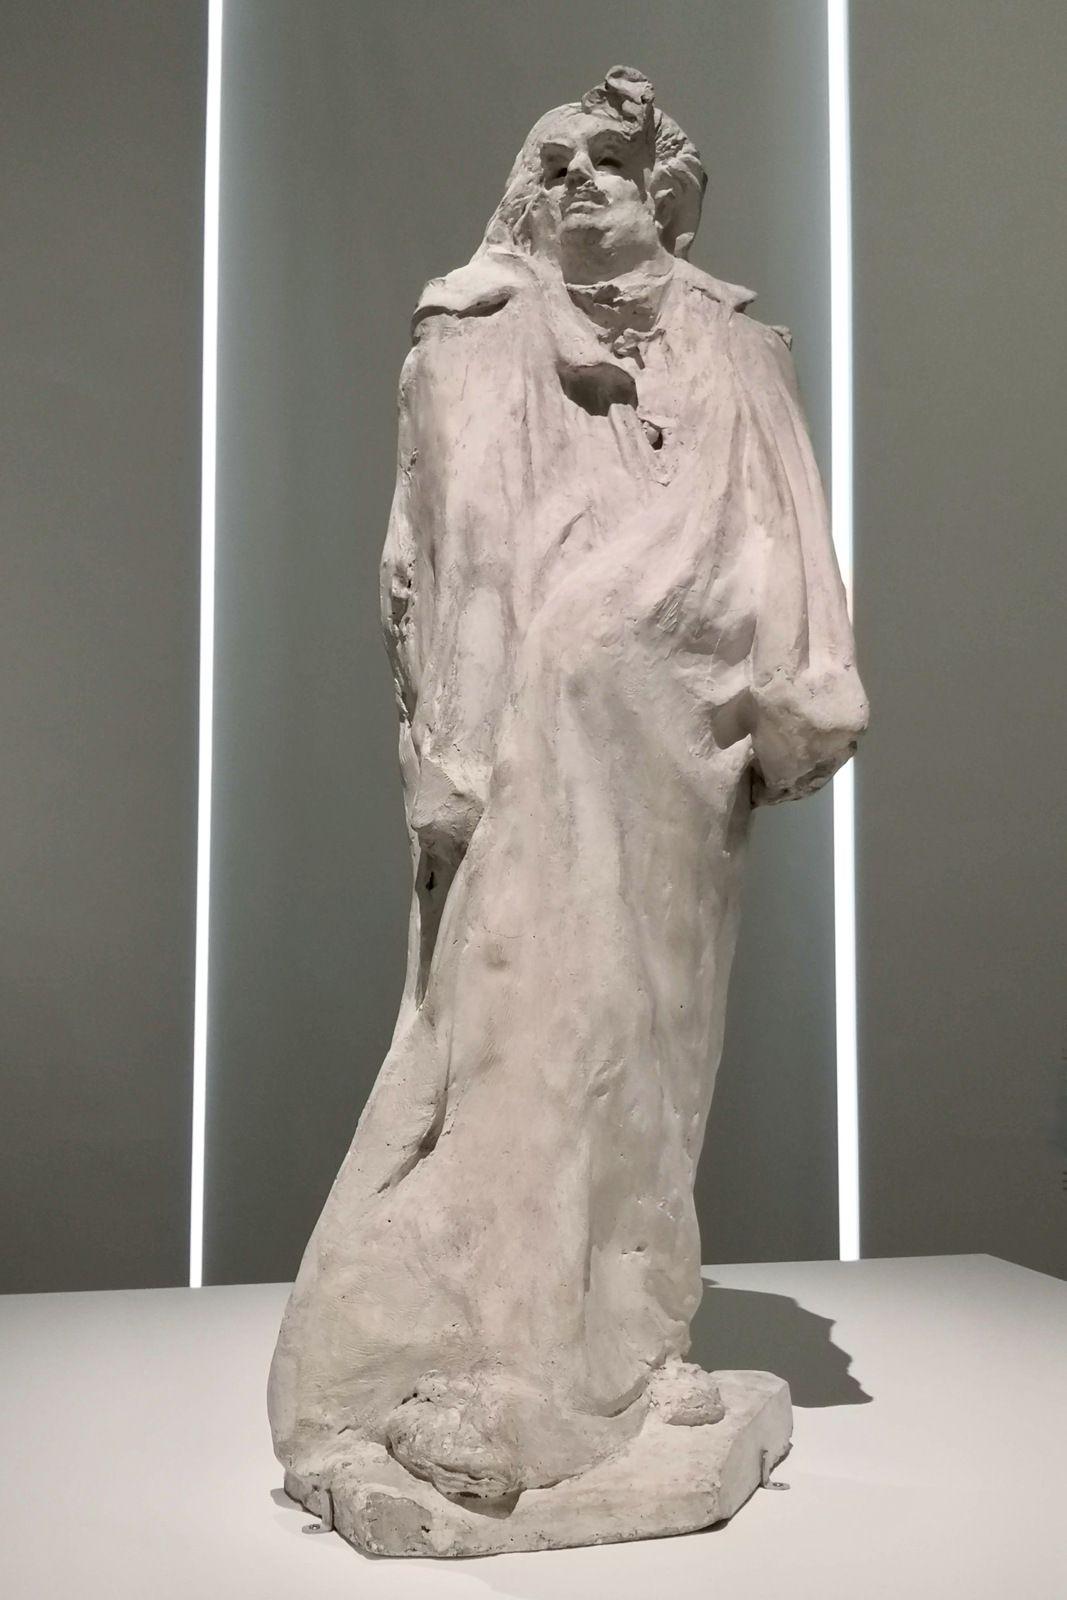 Auguste Rodin, Balzac, variante de l'étude finale avec cravate et amorce de capuchon sur l'épaule gauche, 1897, Plâtre retravaillé à l'outil, Musée Rodin, Paris